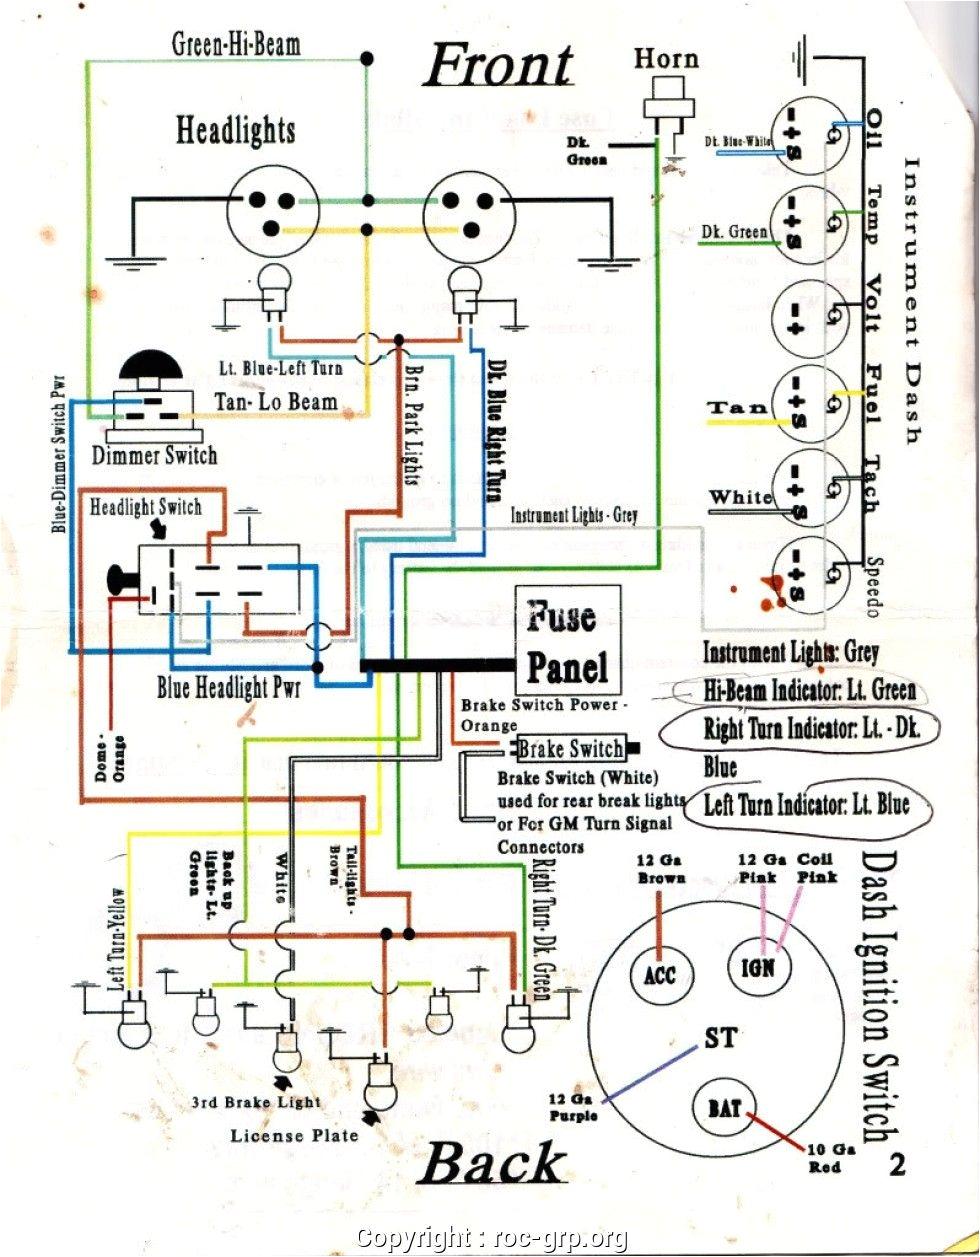 ez wiring 12 circuit to truck lite 900 diagram wiring diagram details ez wiring 12 circuit to truck lite 900 diagram